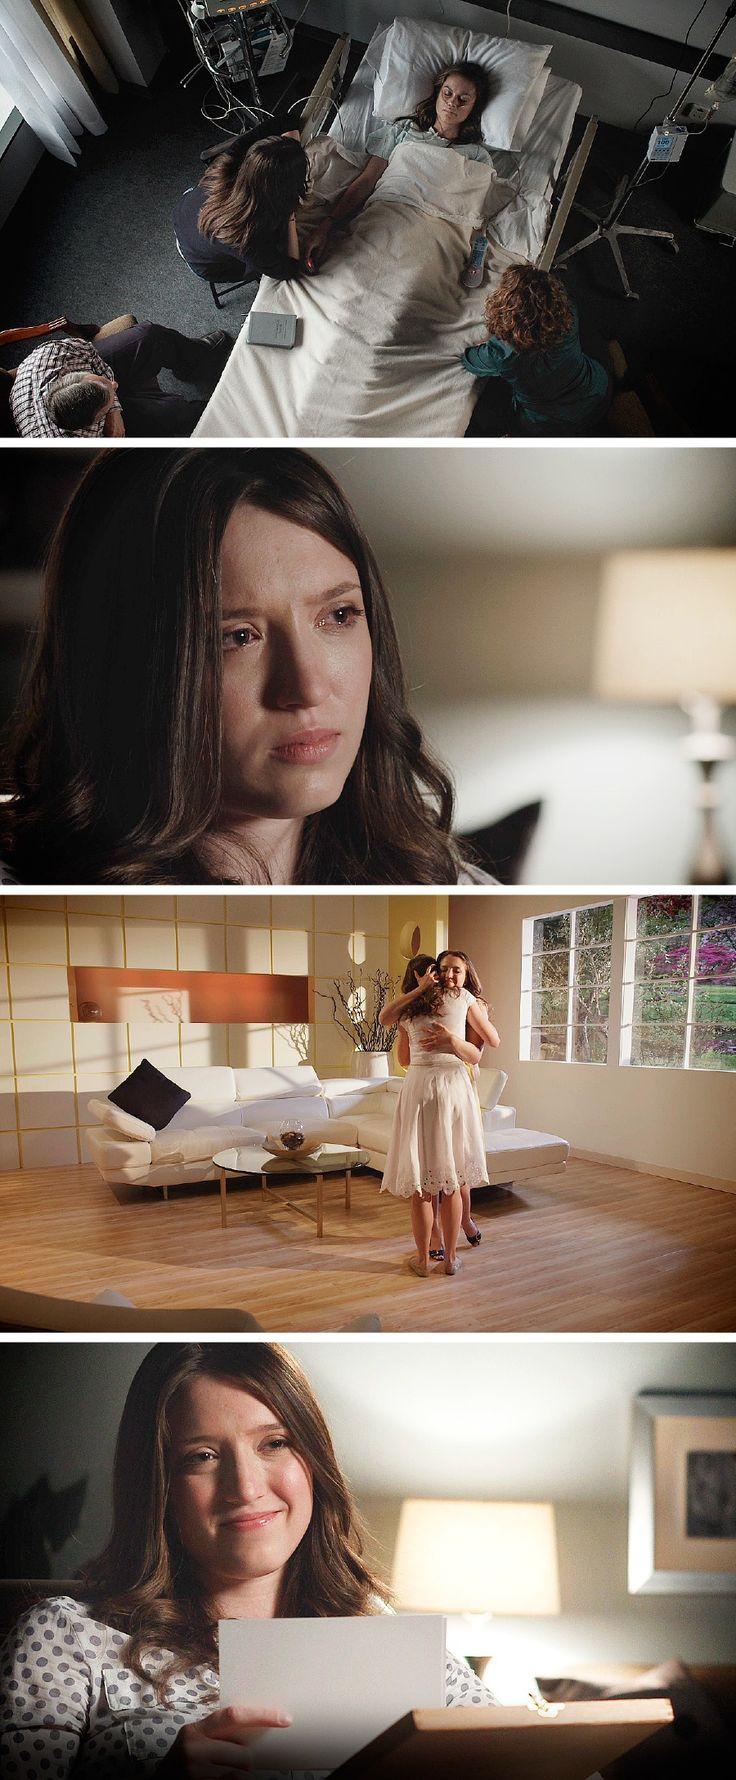 Família e amigos no hospital ao lado de uma jovem em fase terminal. Depois da morte dela, sua irmã encontra consolo por meditar na futura ressurreição